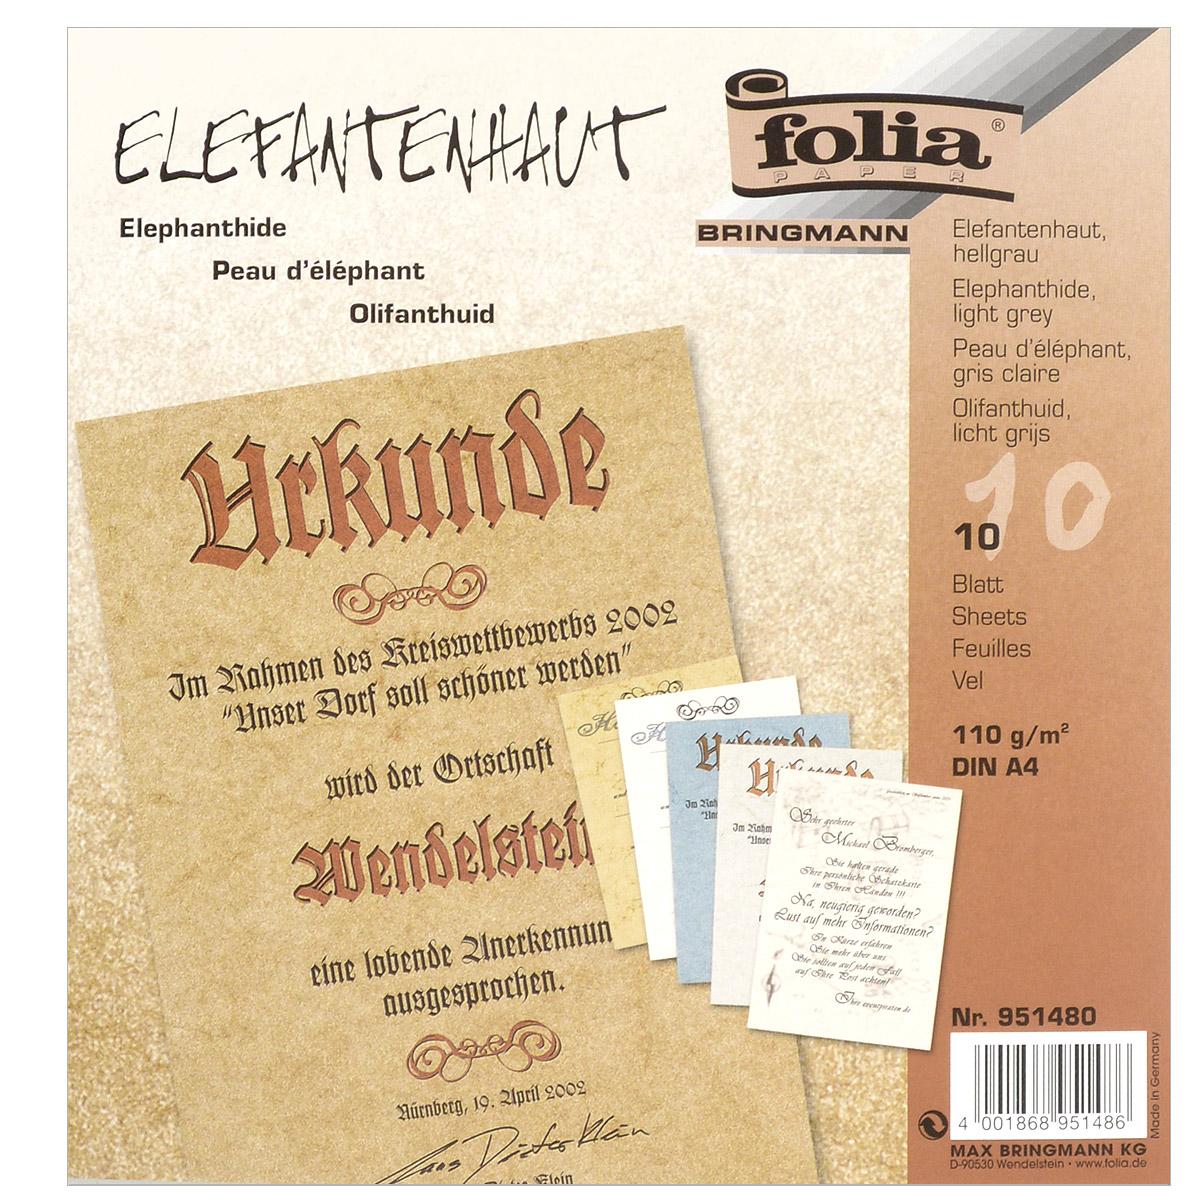 Бумага с имитацией пергамента Folia, цвет: светло-серый, A4, 10 листовC0042416Гладкая тонированная дизайнерская бумага Folia с имитацией окрашенного пергамента идеальна для изготовления оригинальных визиток, папок, календарей, презентационной продукции. Также бумага прекрасно подойдет для оформления творческих работ в технике скрапбукинг. Ее можно использовать для украшения фотоальбомов, скрап-страничек, подарков, конвертов, фоторамок, открыток и многого другого. В наборе - 10 листов.Скрапбукинг - это хобби, которое способно приносить массу приятных эмоций не только человеку, который этим занимается, но и его близким, друзьям, родным. Это невероятно увлекательное занятие, которое поможет вам сохранить наиболее памятные и яркие моменты вашей жизни, а также интересно оформить интерьер дома.Плотность бумаги: 110 г/м2.Размер листа: 21 см х 29,5 см.Формат листа: A4.